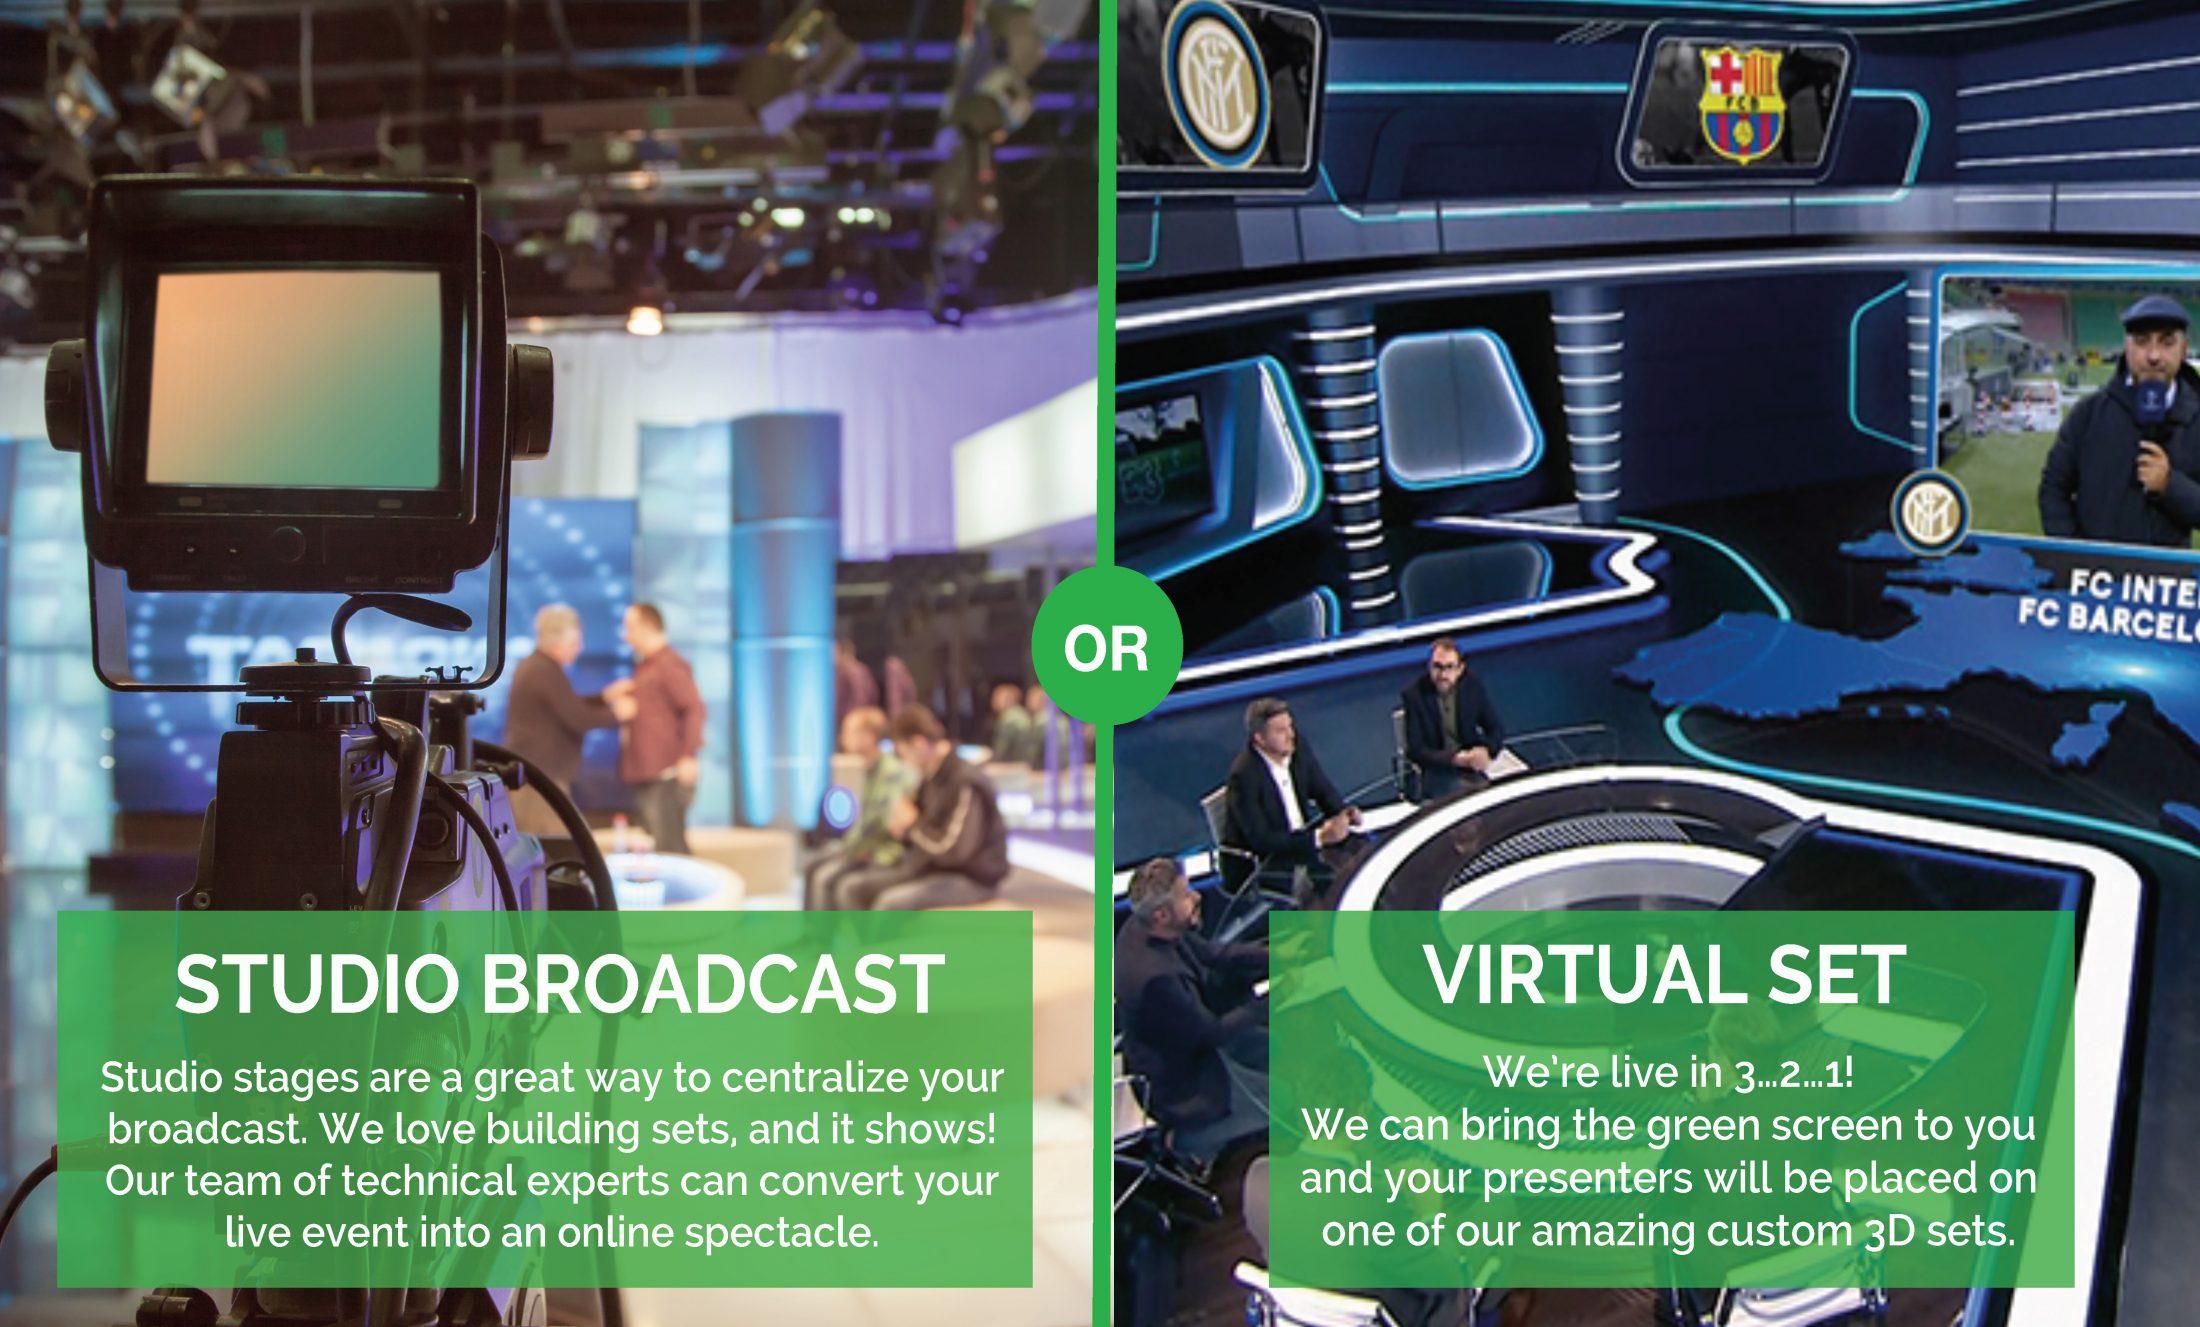 livestream, virtual event